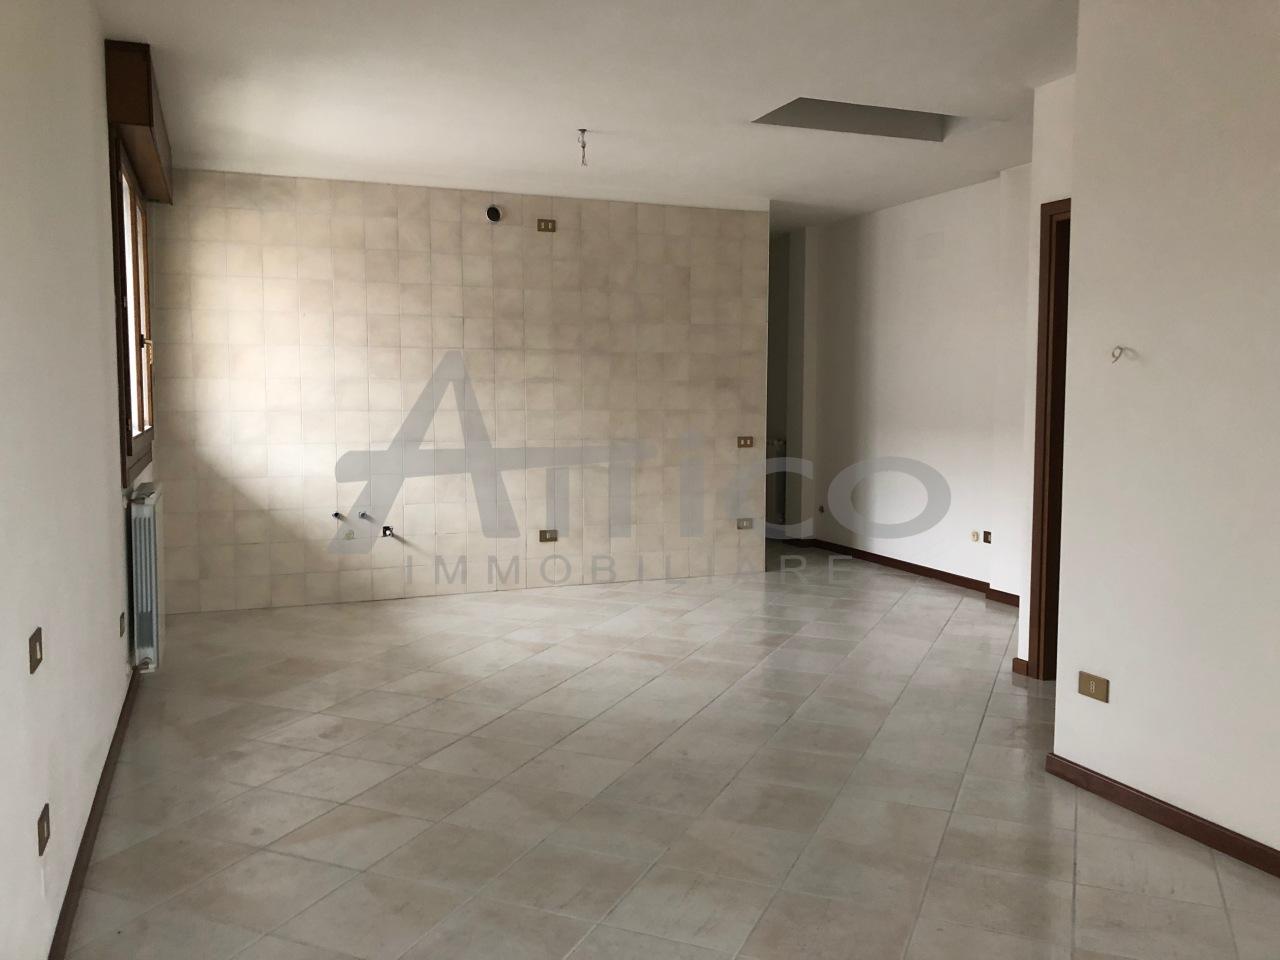 Appartamento - Monolocale a San Pio X°, Rovigo